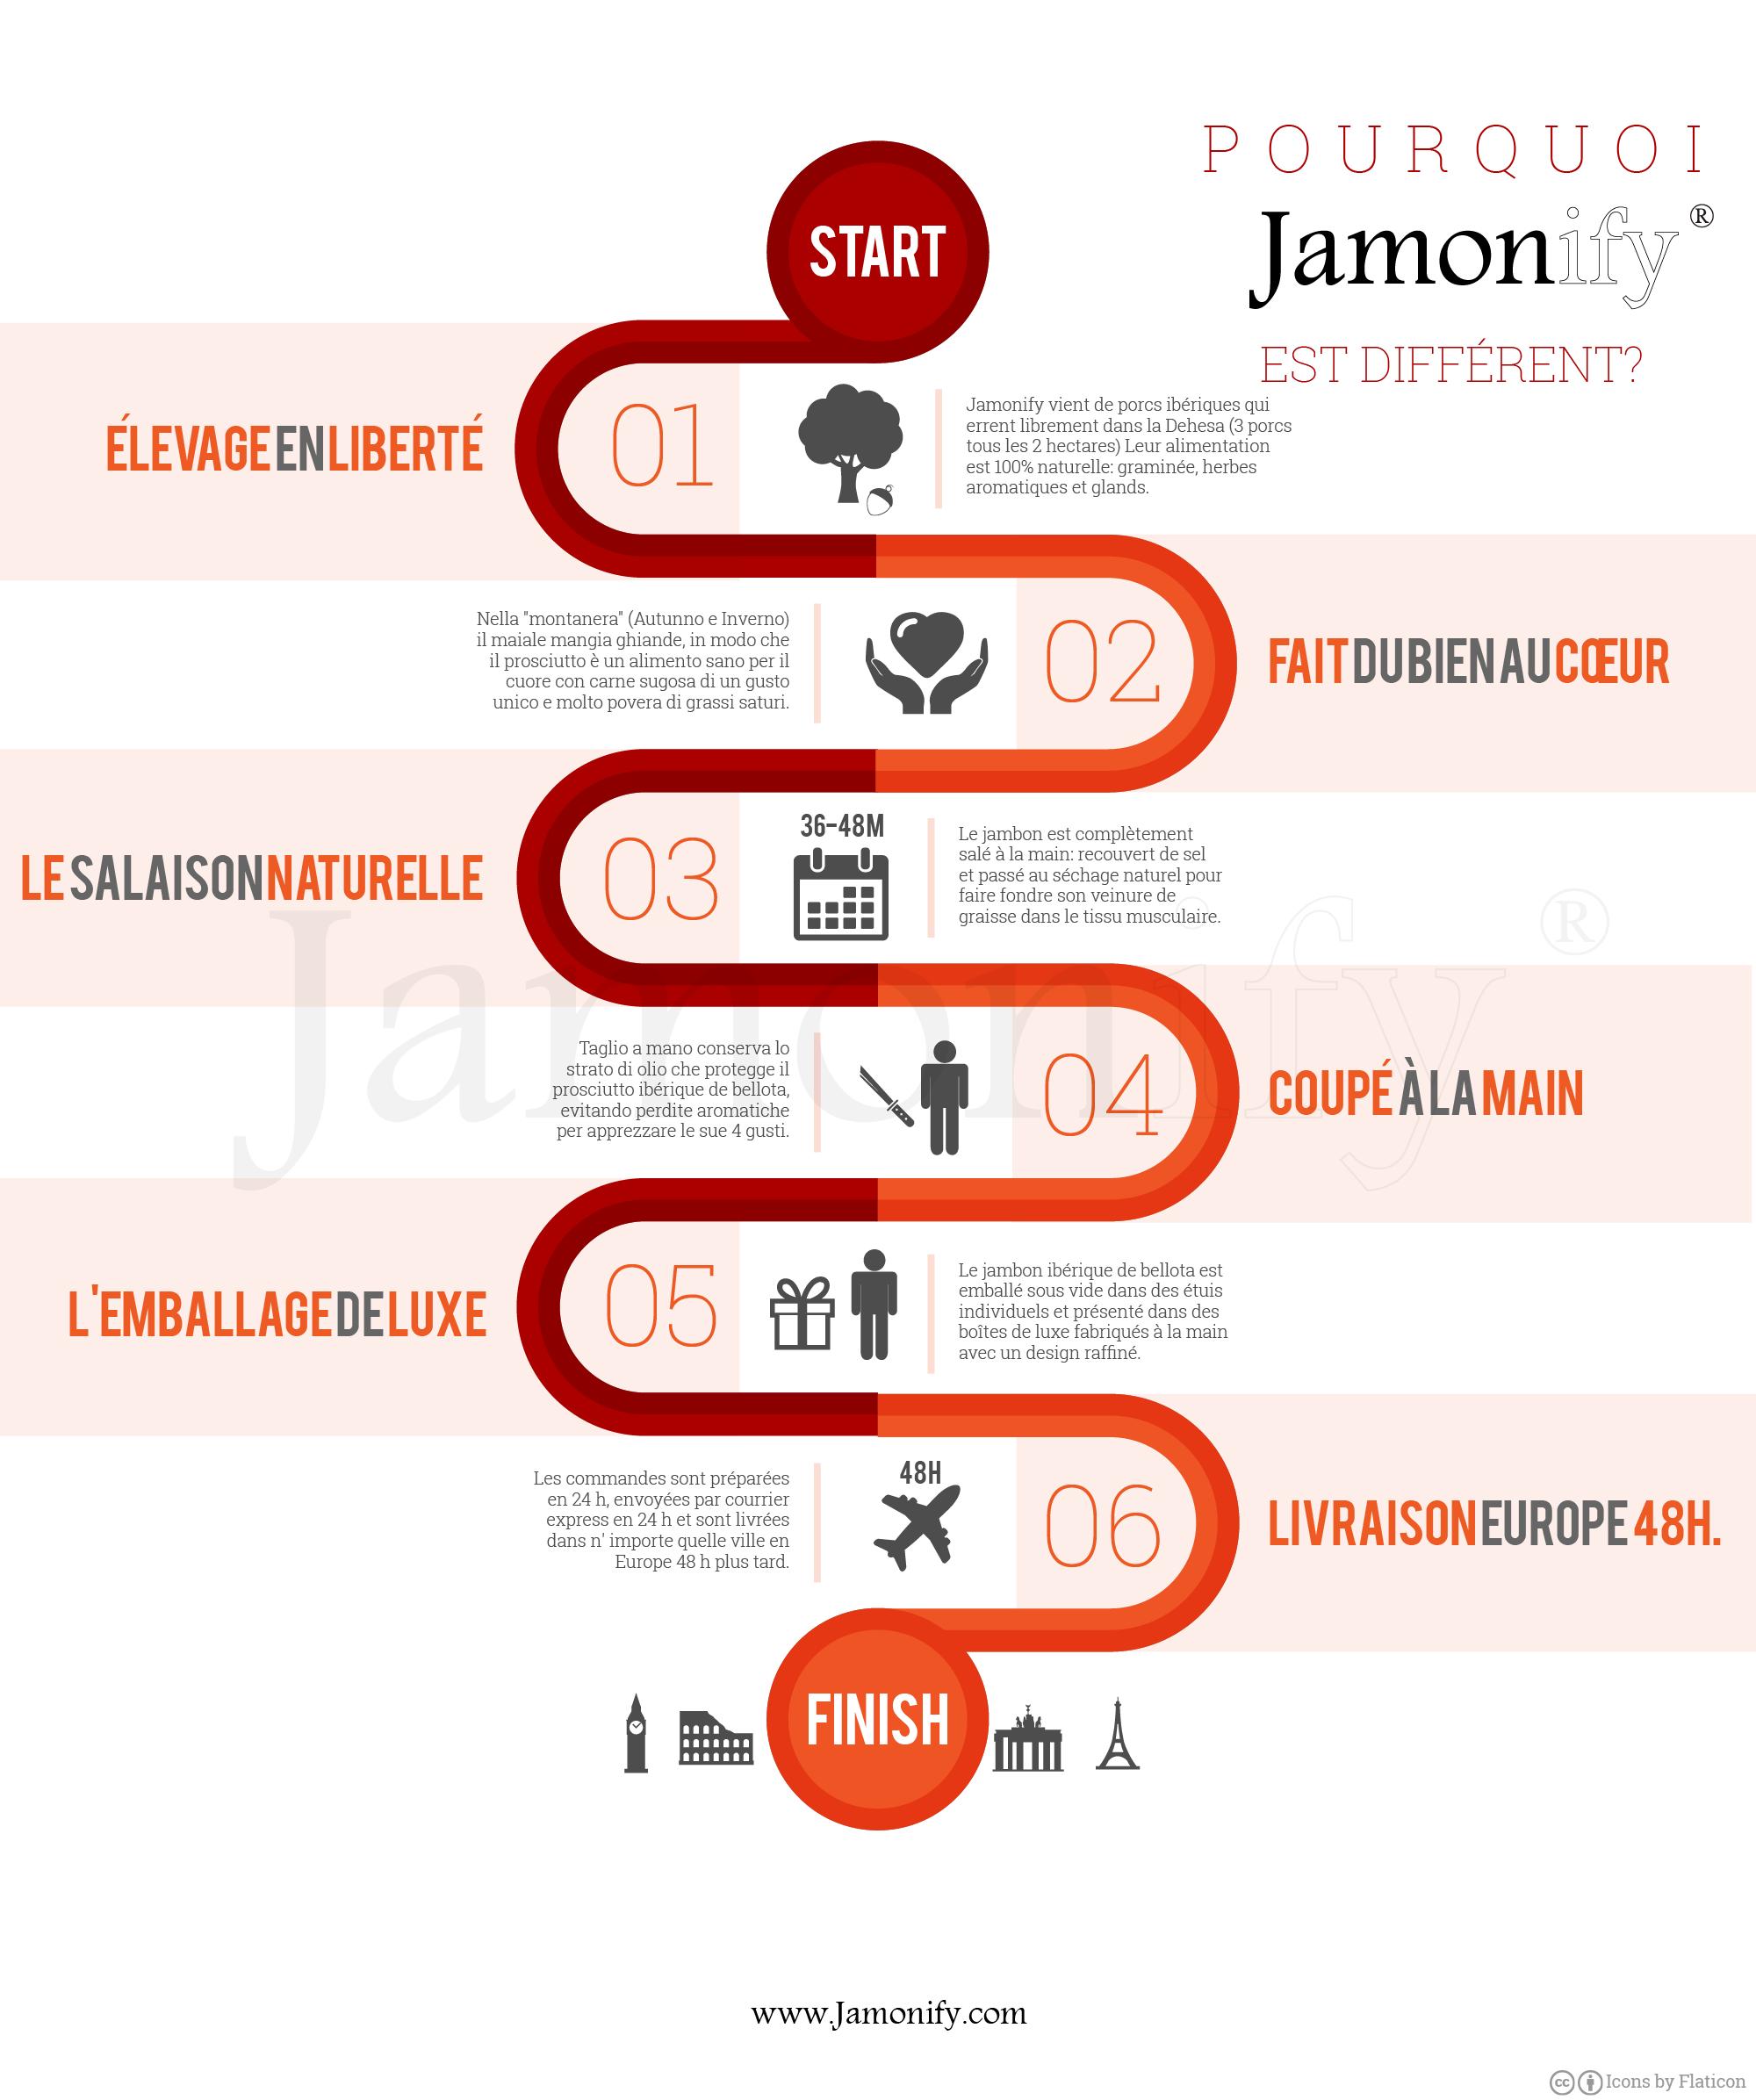 Porquoi Jamonify est Différent?